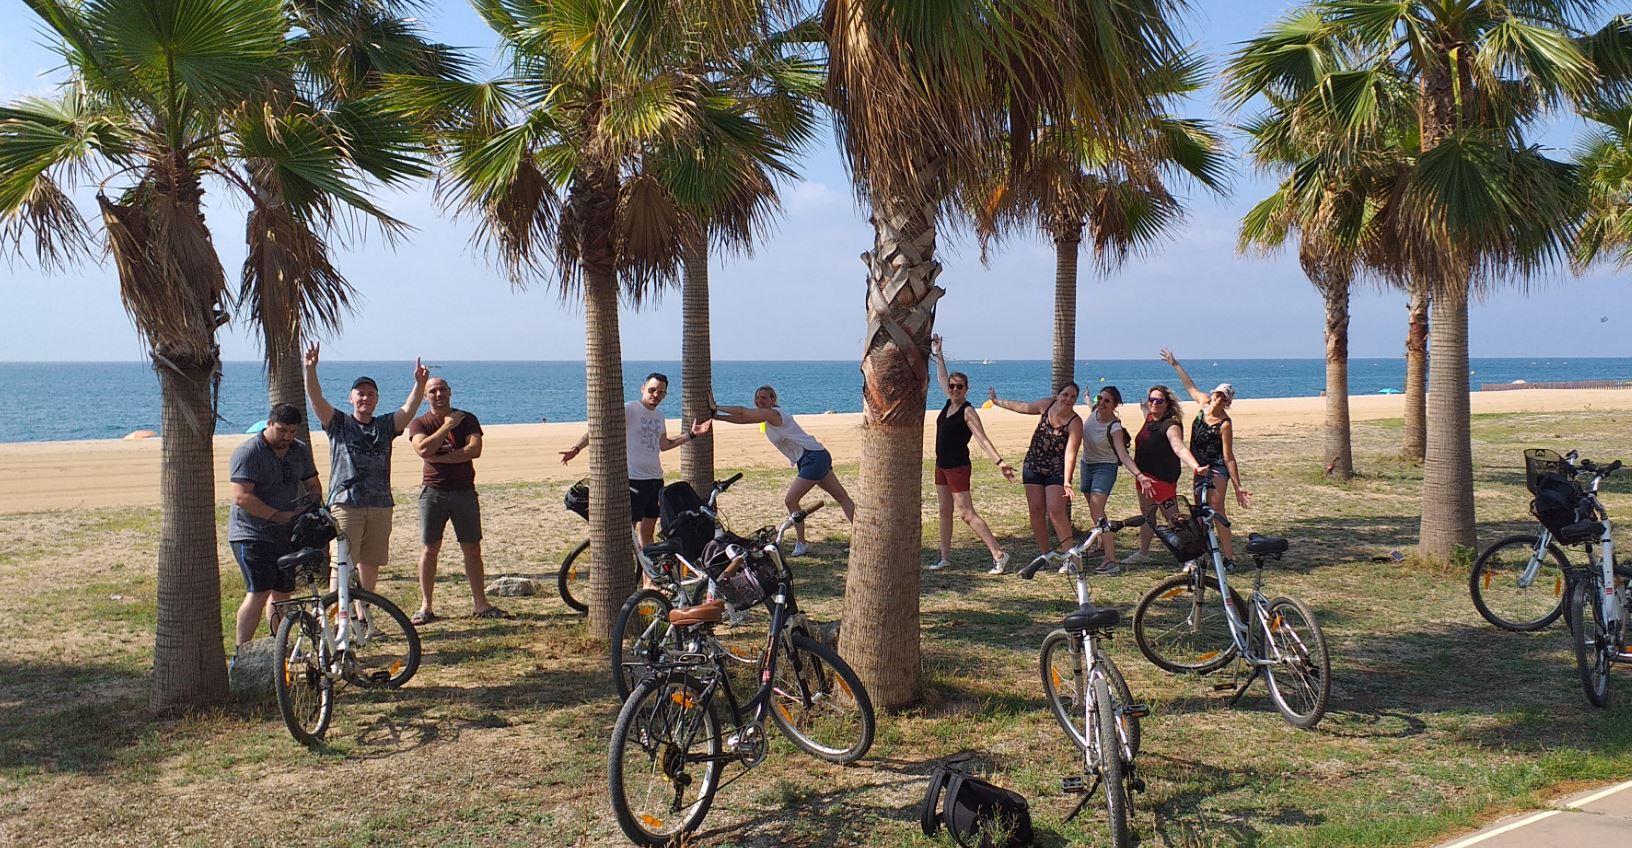 Diversion y Relax en Costa Brava Grupos Vacaciones Sinlges